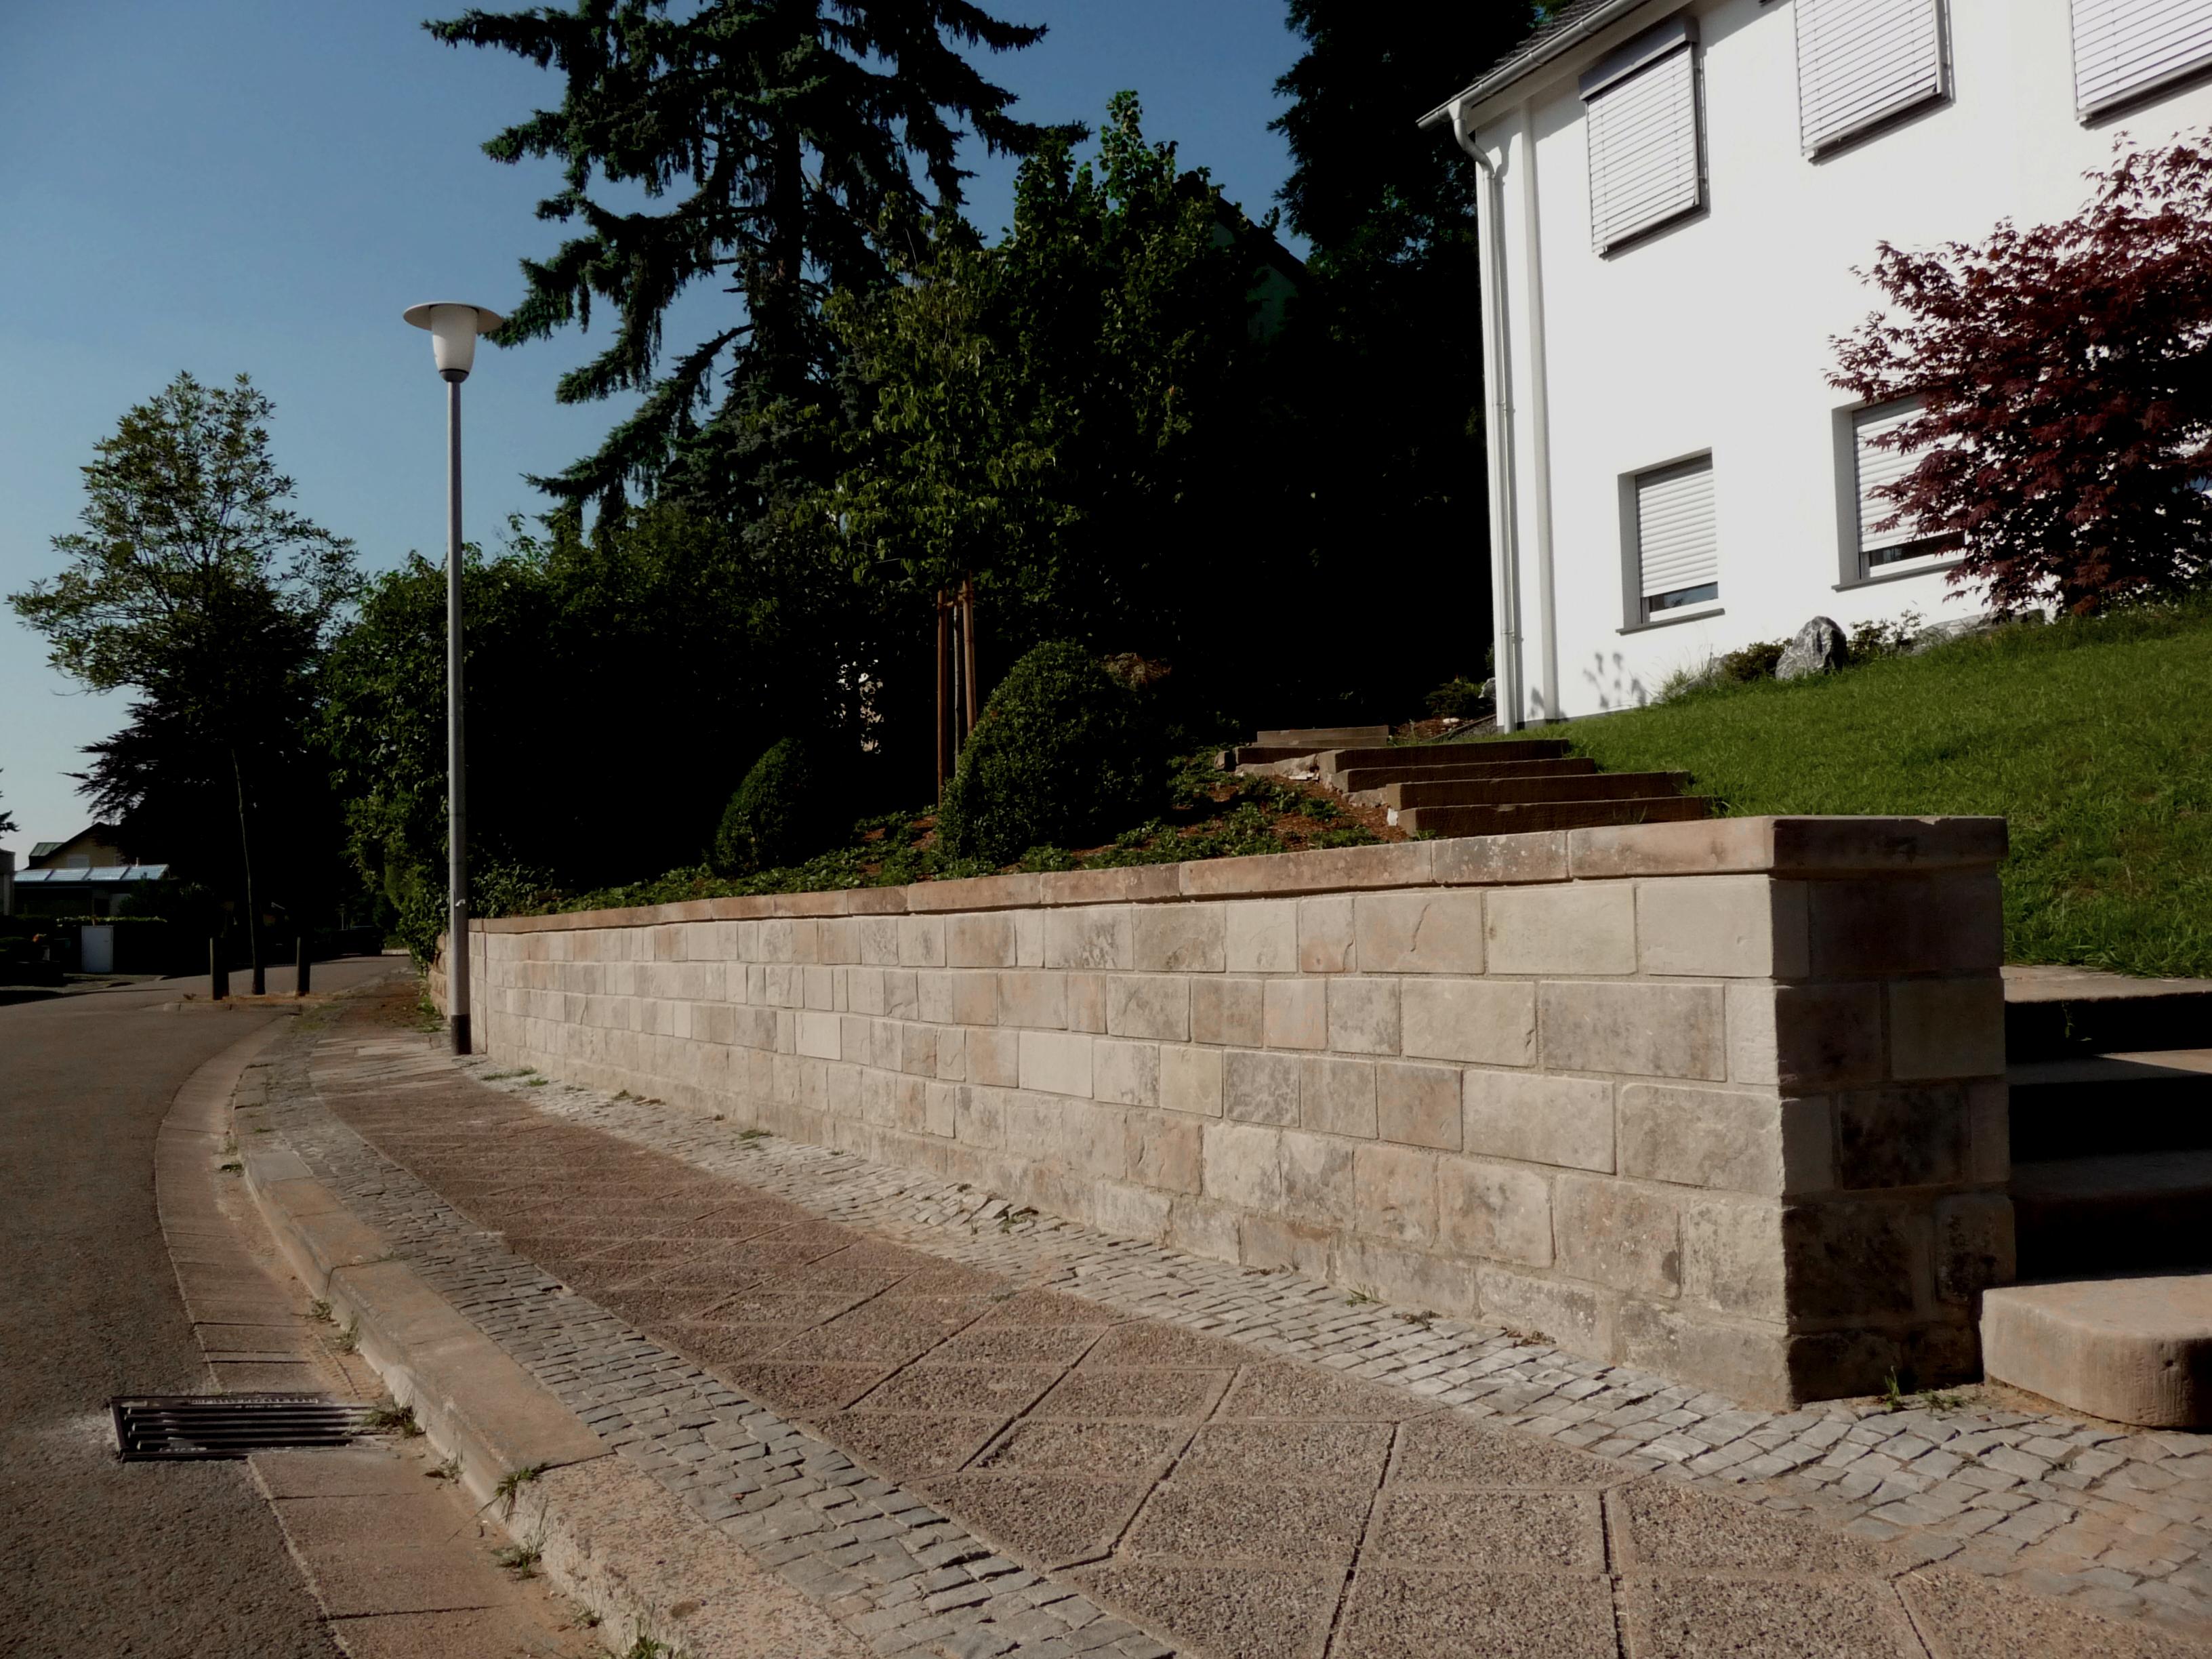 Restauration Sandsteinmauer